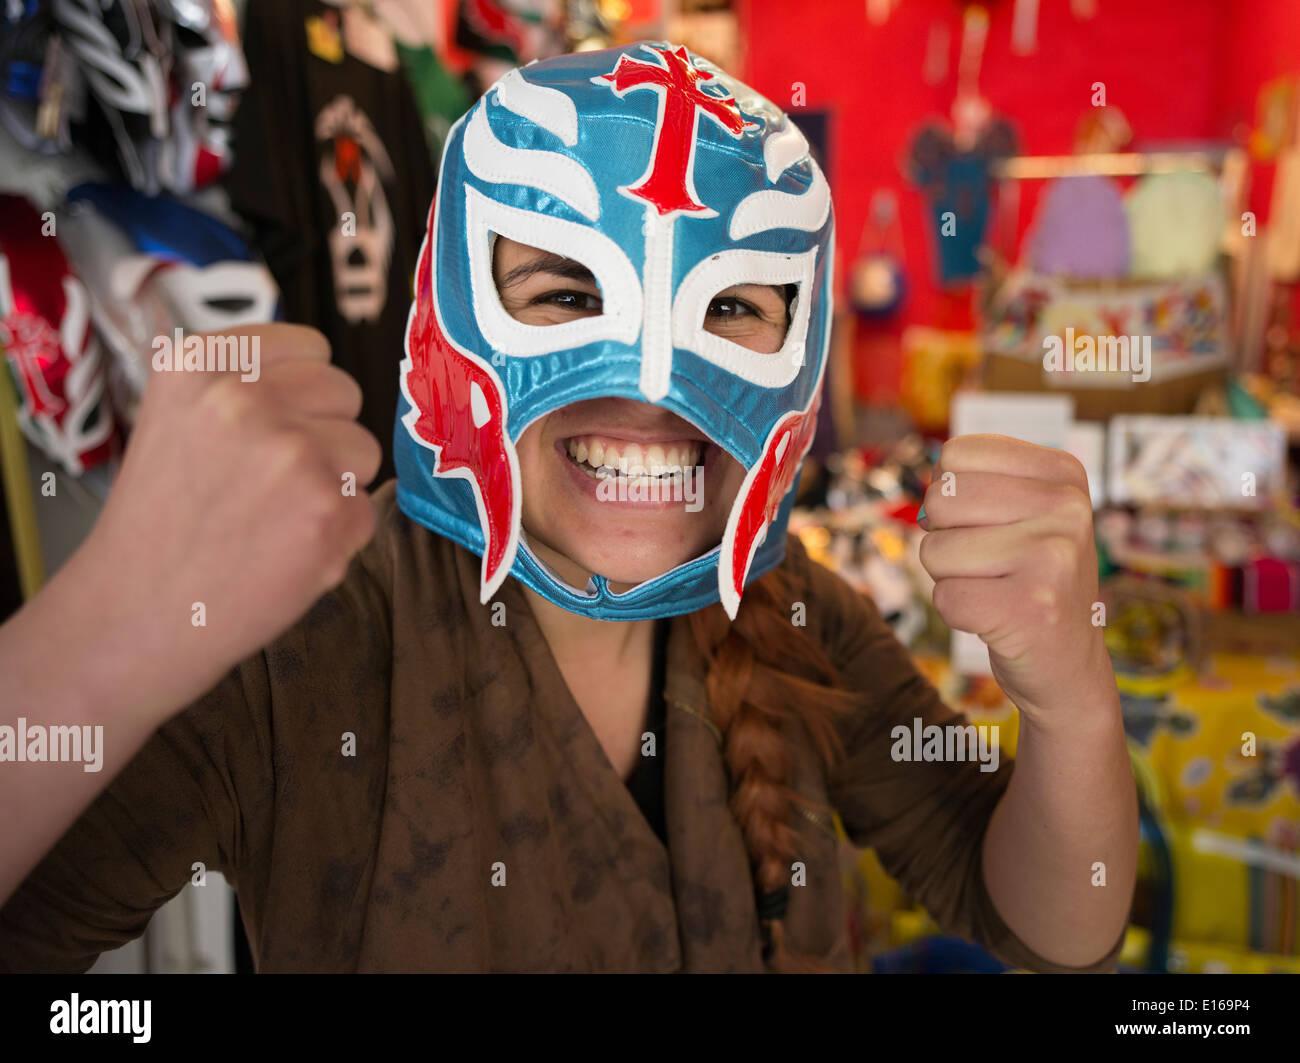 Il wrestling messicano maschere in vendita a Tope un messicano di merci in negozio Kosetsu Ichiba Mercato, off Kokusai Street, citta' di Naha. Immagini Stock